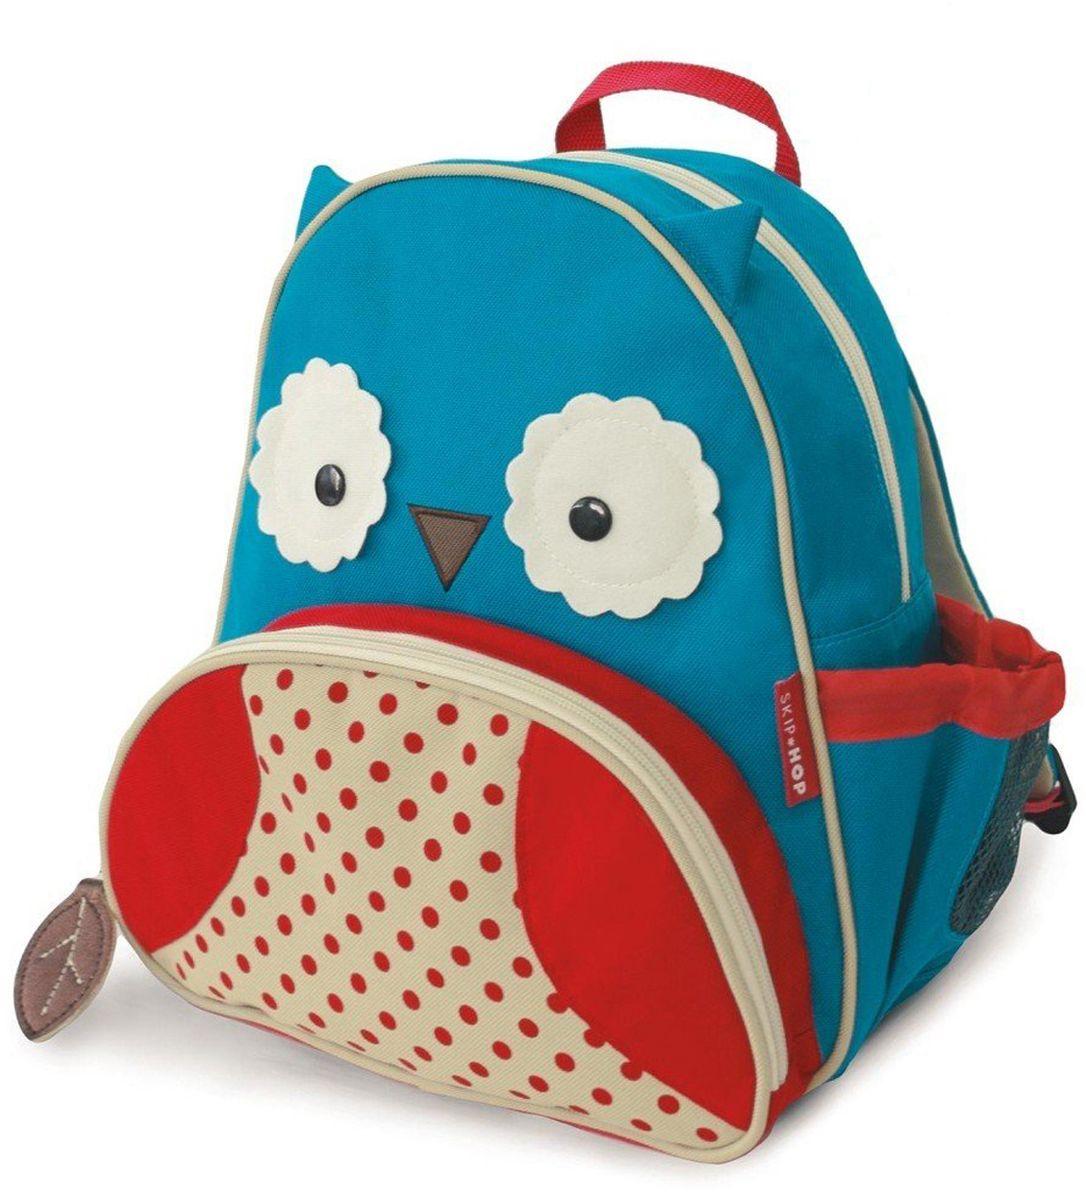 SkipHop Рюкзак дошкольный Сова72523WDРюкзачок Skip Hop Zoo Pack каждый день будет радовать вашего малыша, вызывать улыбки у прохожих и зависть у сверстников. С ним можно ходить в детский сад, спортивные секции, на прогулку, в гости к бабушке или ездить на экскурсии. В основной отсек легко поместится книжка, альбом для рисования, краски, фломастеры, любимая игрушка и контейнер с едой, а специальный кармашек сбоку предназначен специально для бутылочки с водой. Передний кармашек на молнии предназначен для мелких вещичек. Внутренний кармашек на резиночке зафиксирует положение содержимого: не даст выпасть фломастерам или сломаться киндер-сюрпризу. Рюкзачок выполнен из прочной ткани, способной выдерживать бесконечное количество стирок в машинке. Лямки рюкзачка мягкие, регулируемые. • Размер: 11 x 25 х 29 см. • Для детей с 3 лет.